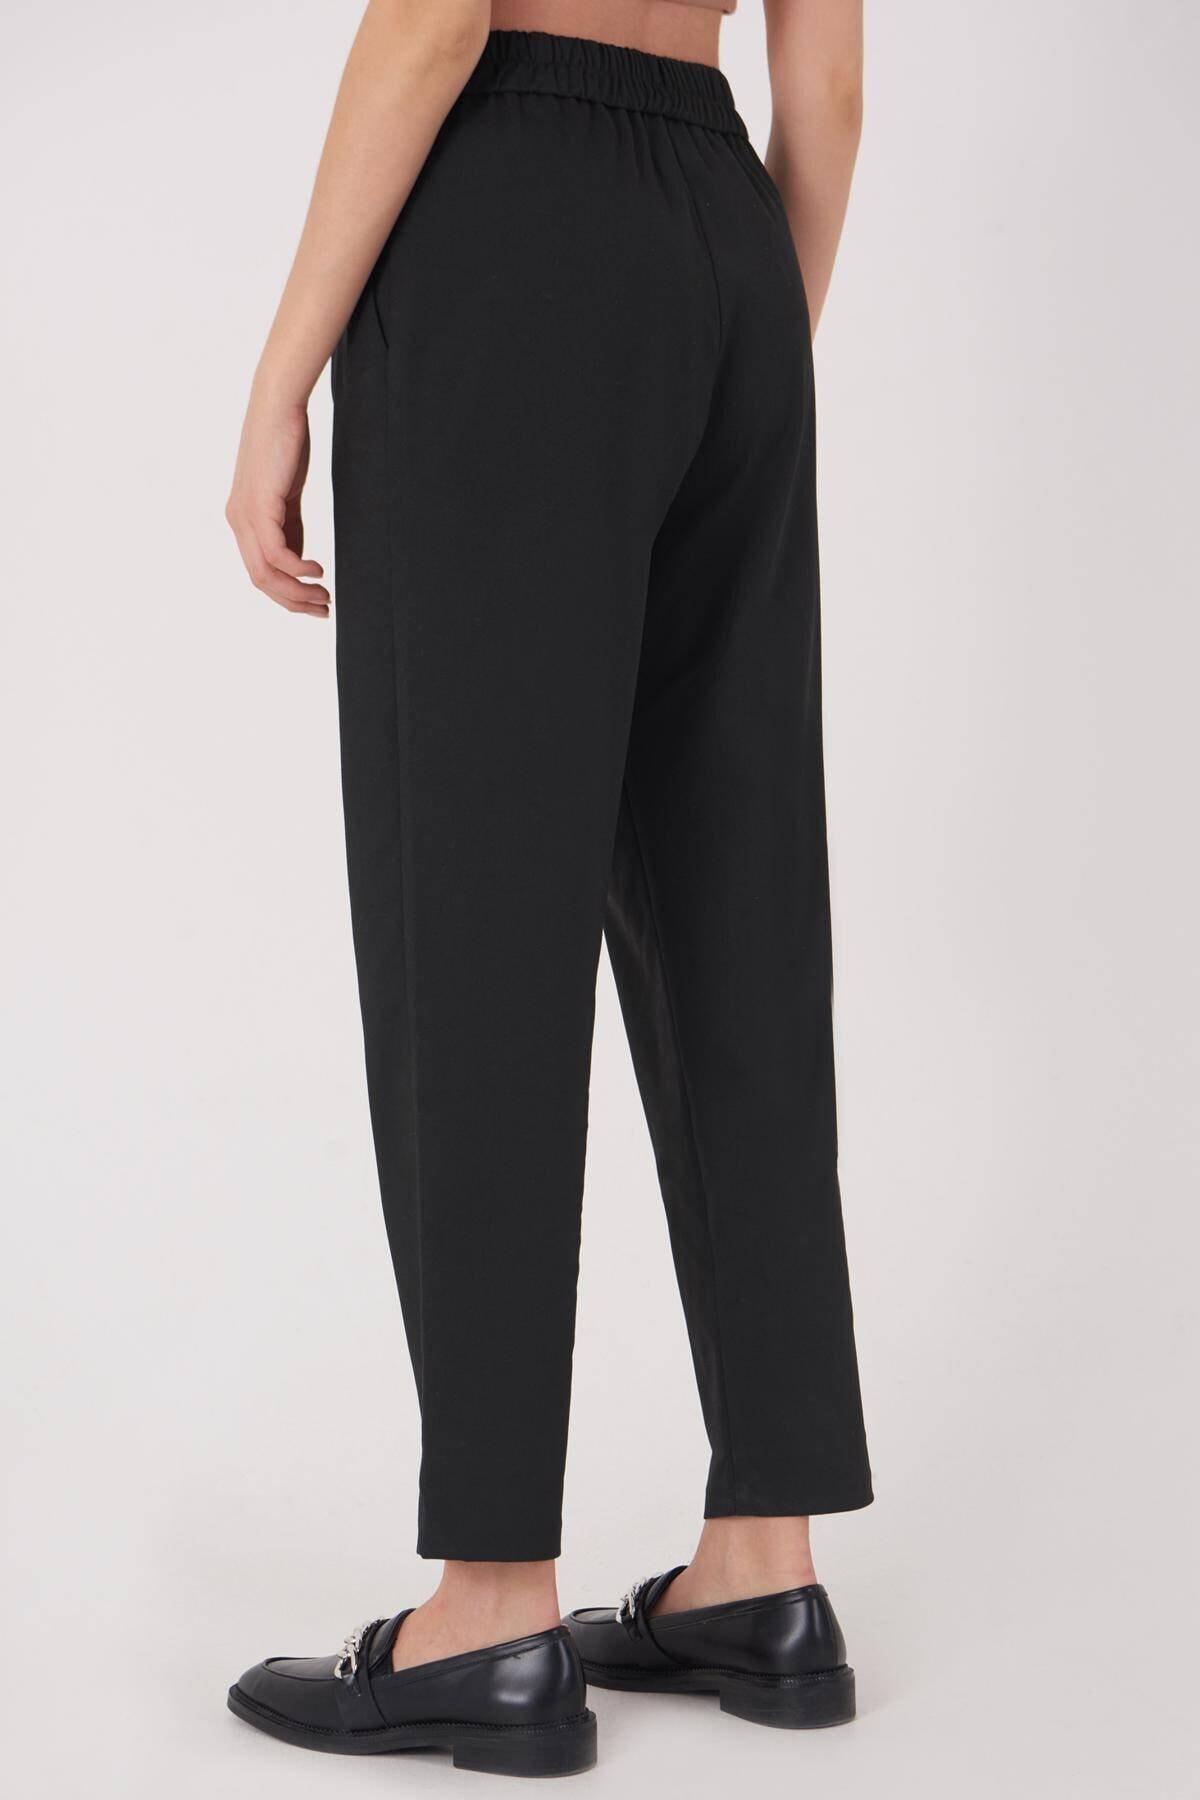 Addax Kadın Siyah Cep Detaylı Pantolon Pn8096 - E6 Adx-0000023579 4